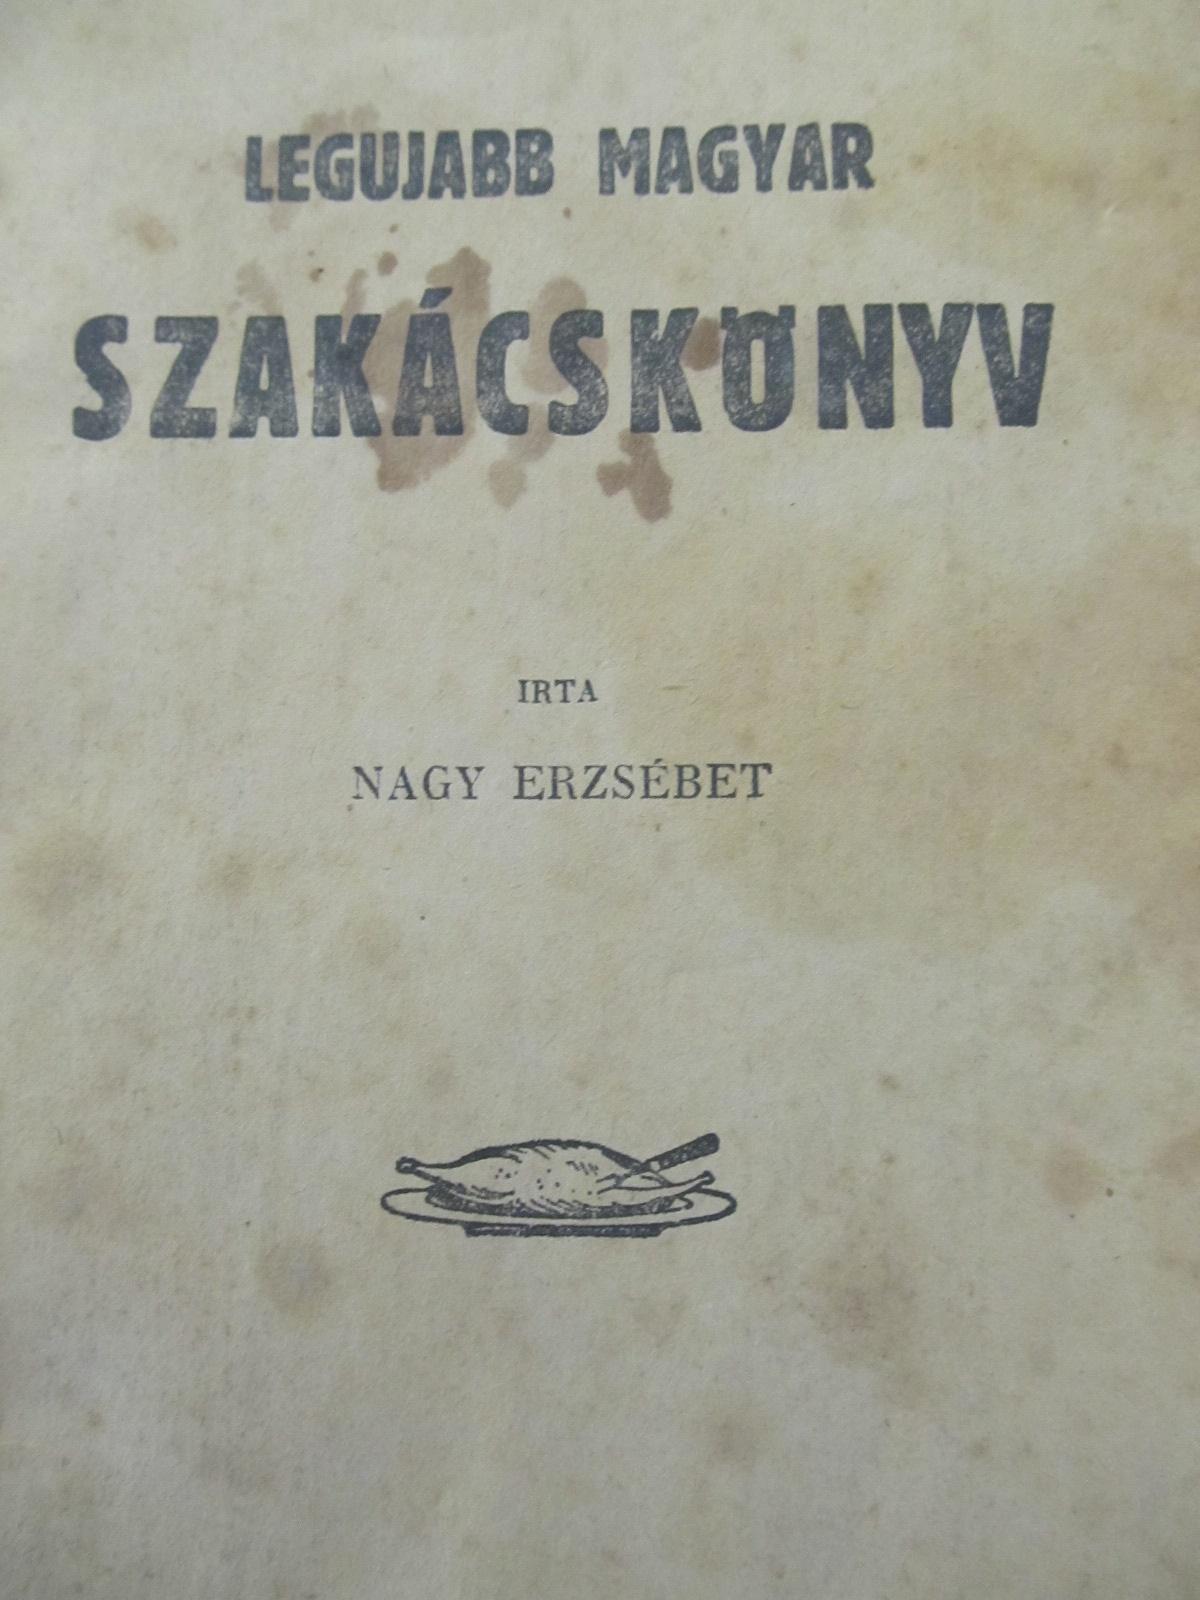 Carte Legujabb Magyar Szakacskonyv , 1933 - Nagy Erzsebet